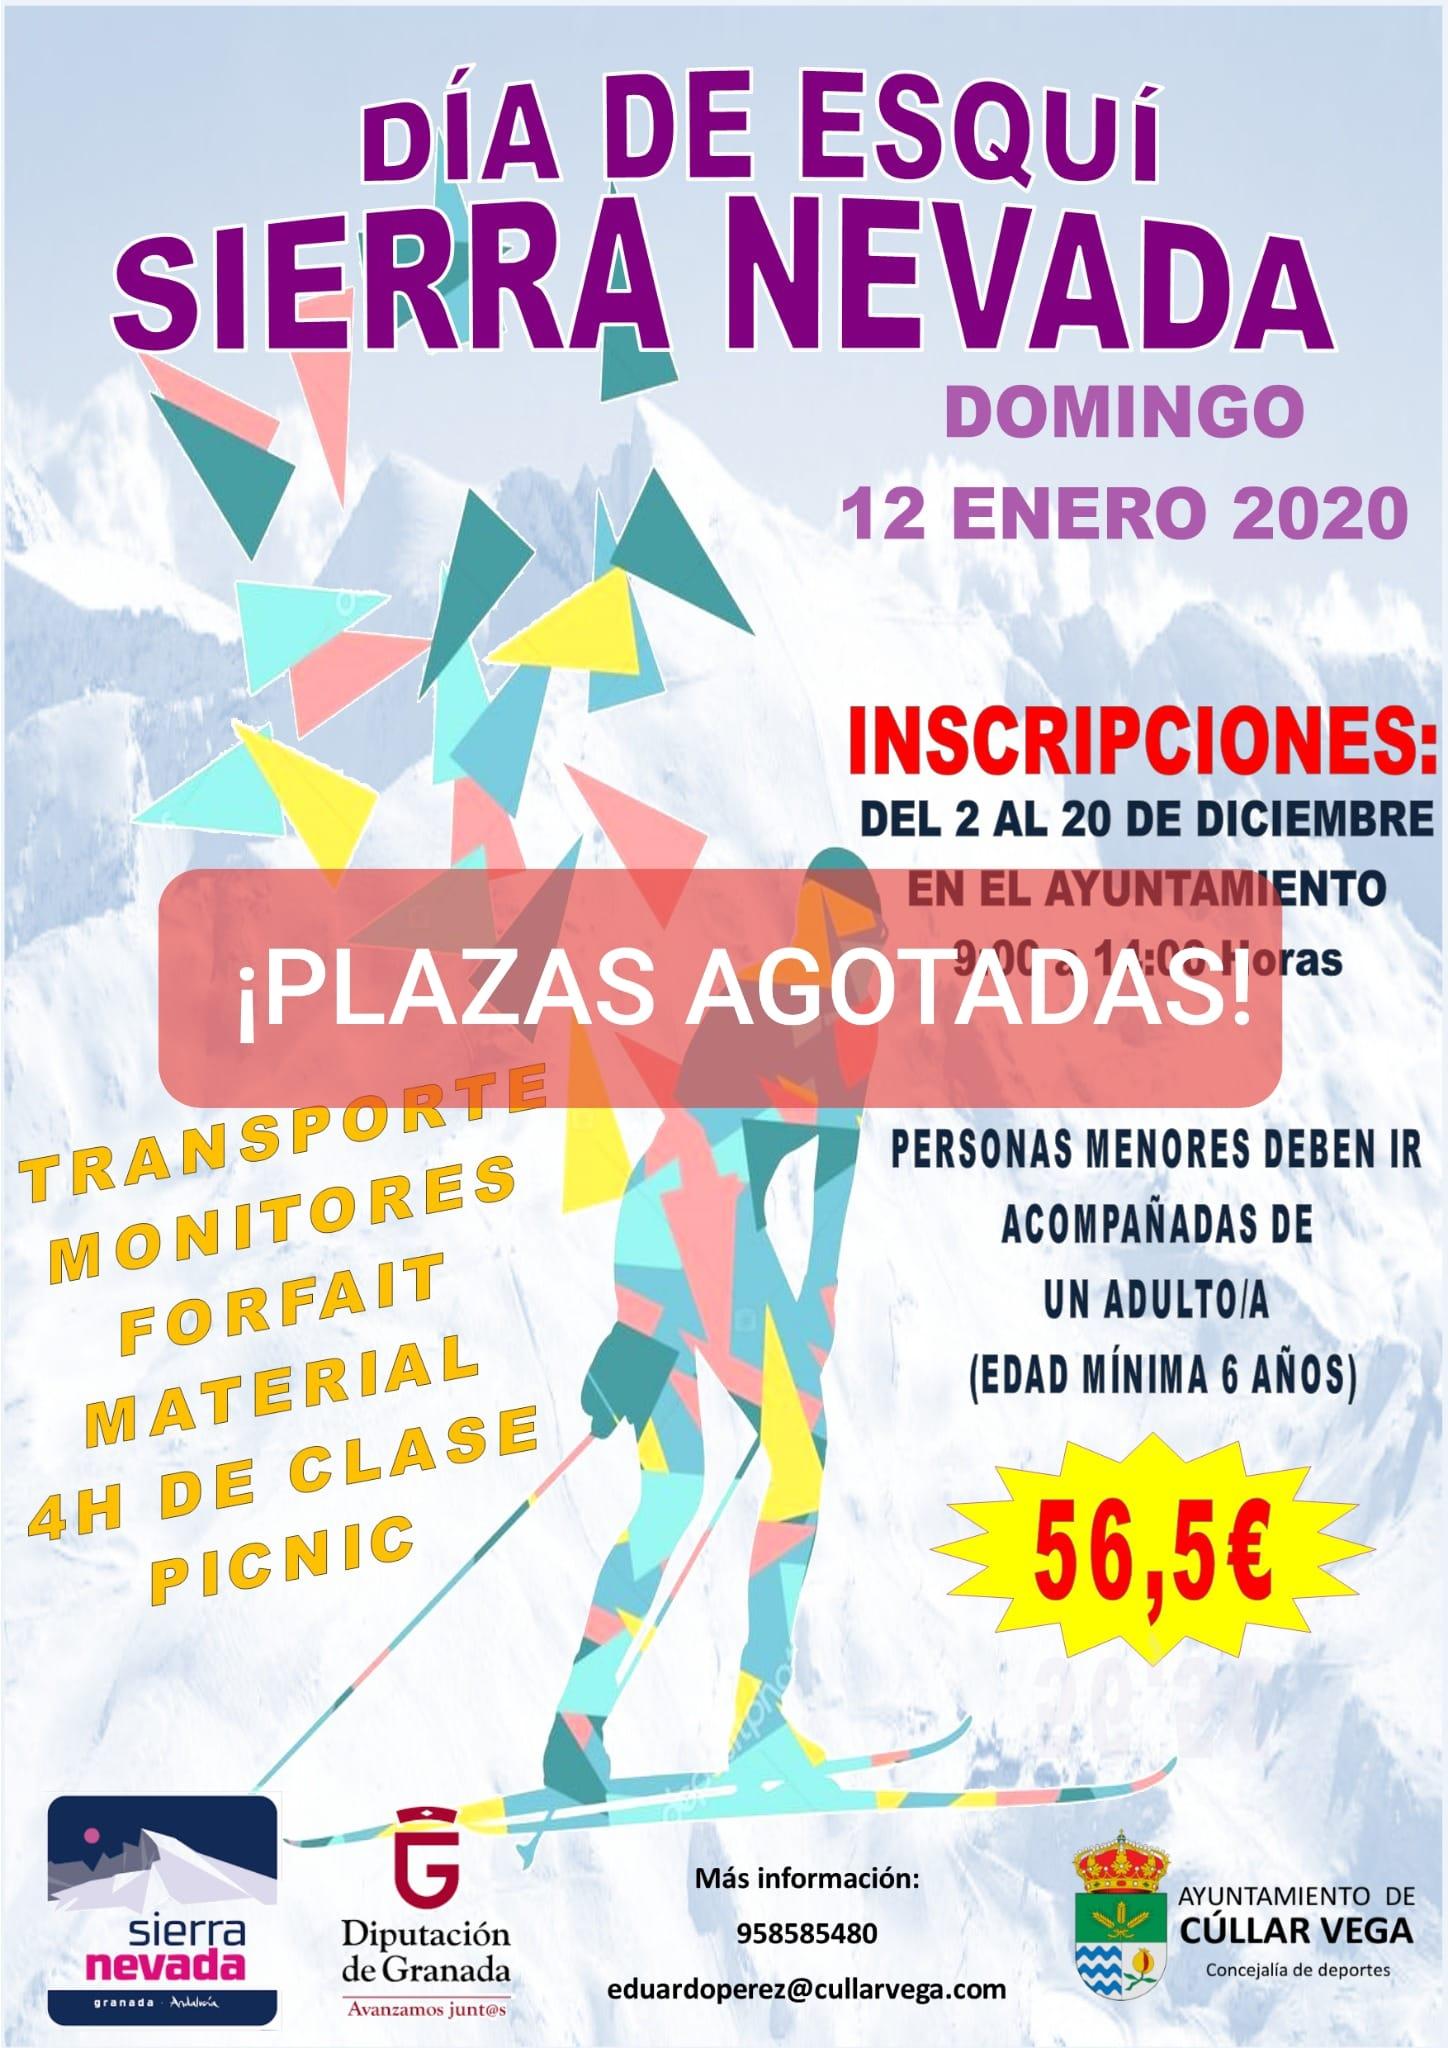 SALIDA DE ESQUÍ A SIERRA NEVADA -12 DE ENERO.